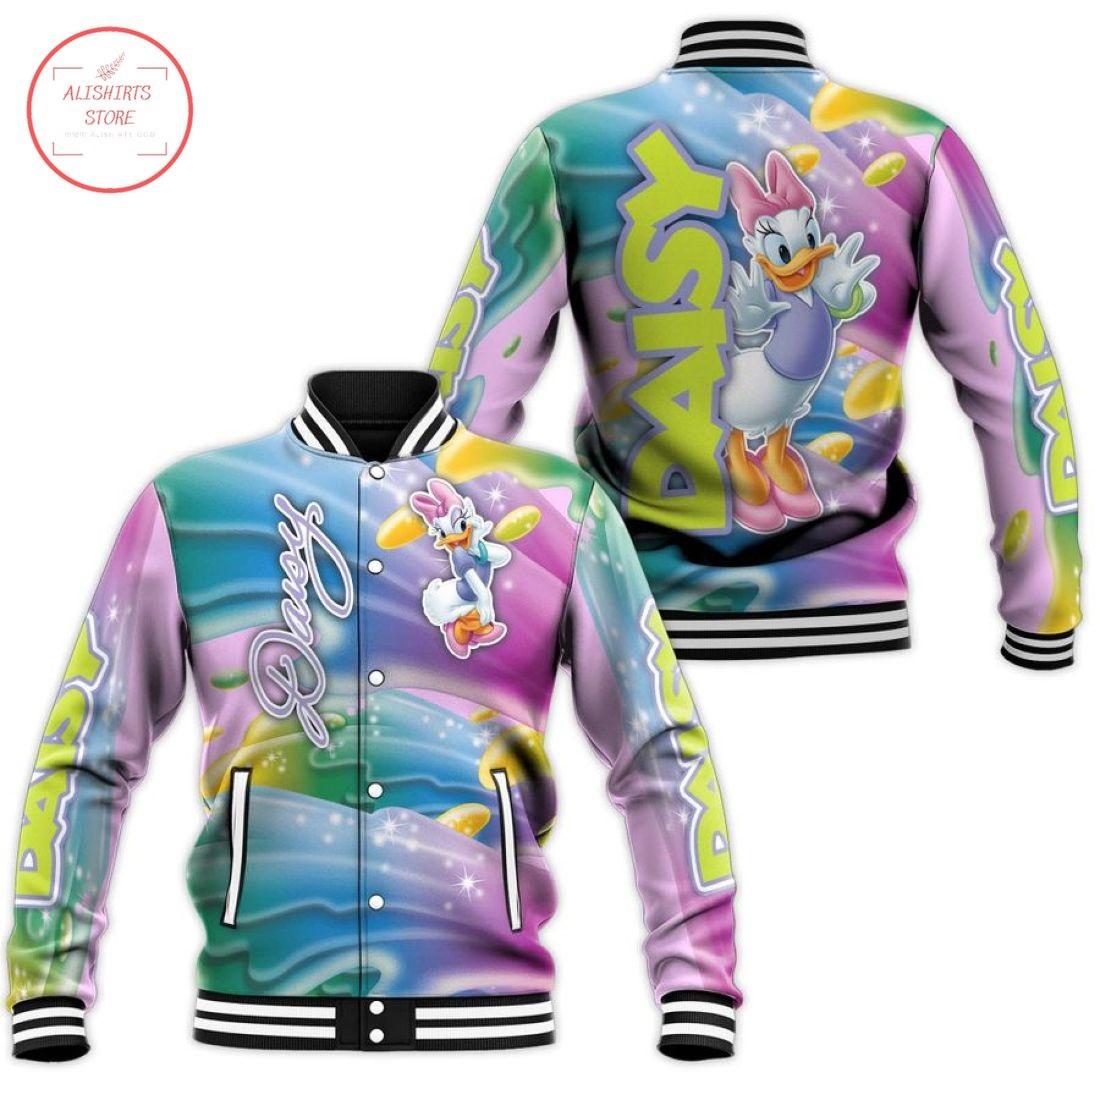 Disney Daisy Duck Letterman Jacket